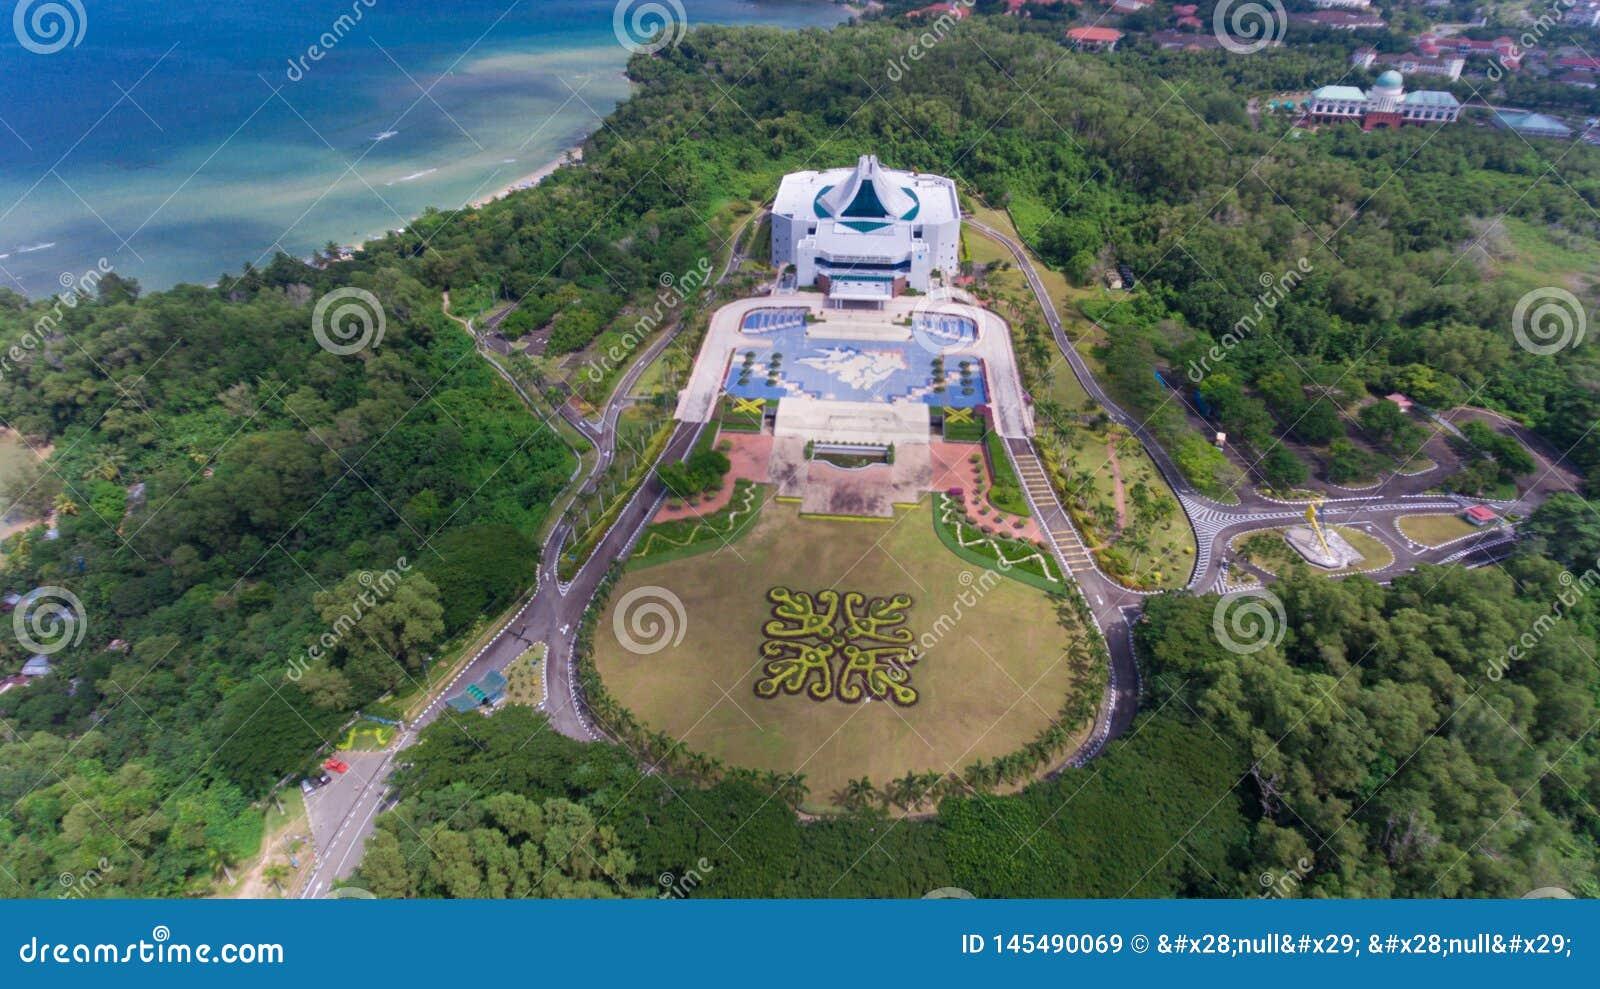 Sabah State Legislative Assembly